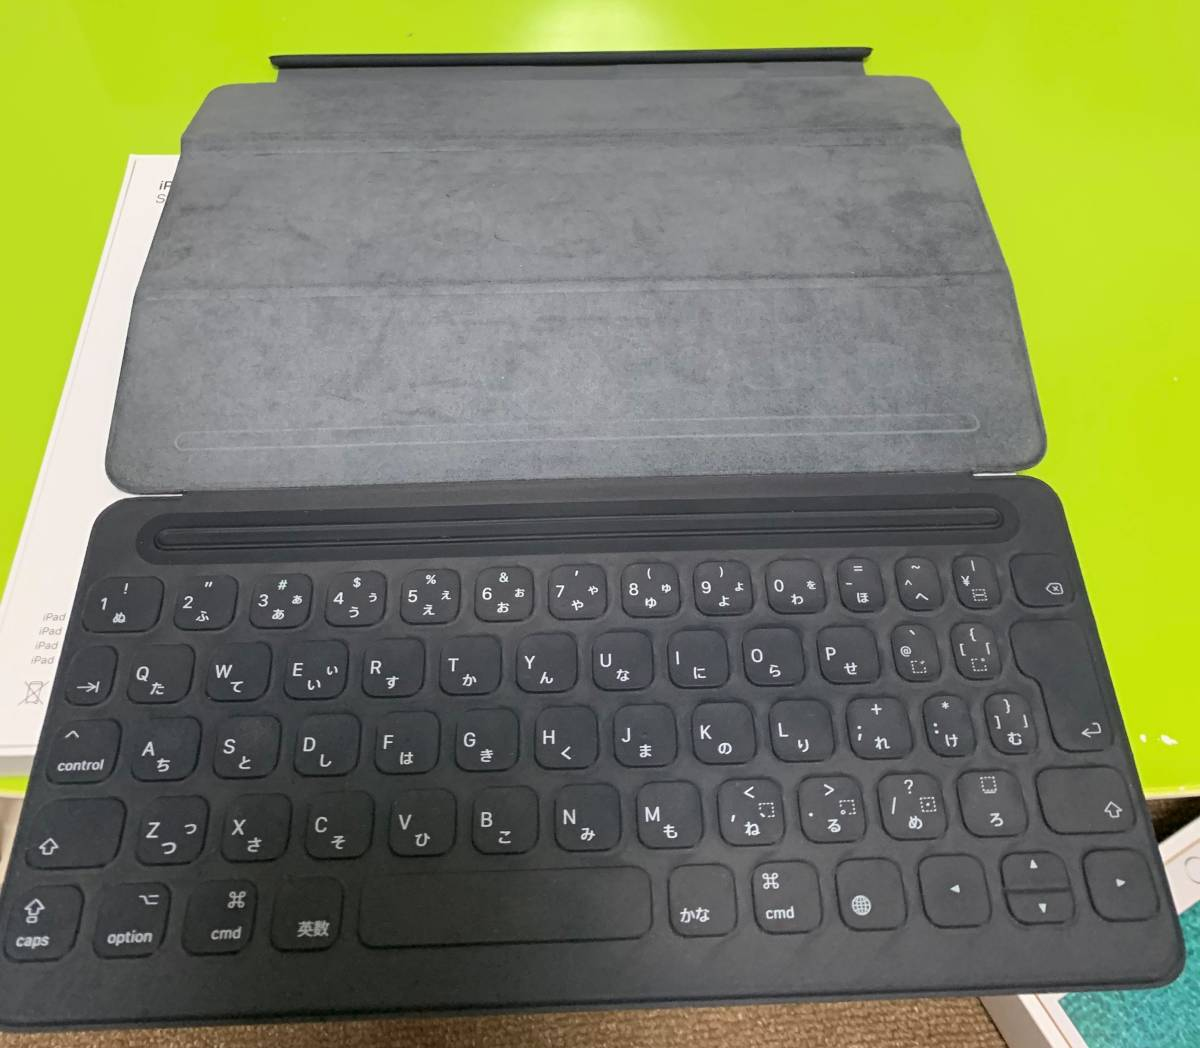 【2年使用:本体とキーボードとpencilをセットで】iPad Pro 10.5インチ docomo 256GB [ゴールド]&Smart Keyboard&ApplePencil_画像3